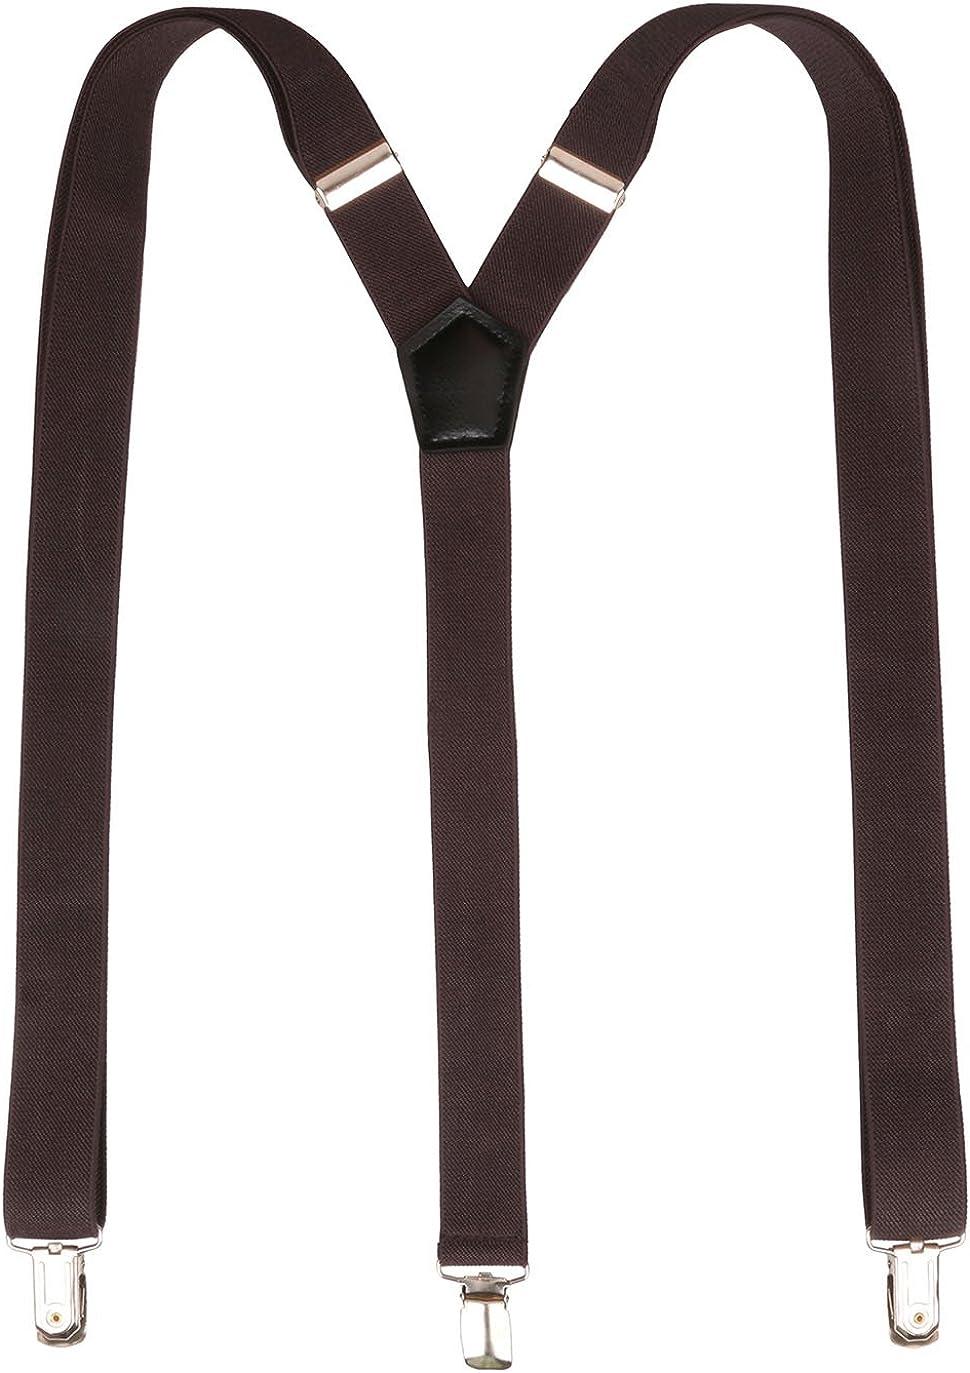 Kat Cheung Bahar Fashion Shirt Suspenders Men Classic Y-Back Elastic Braces Suspenders